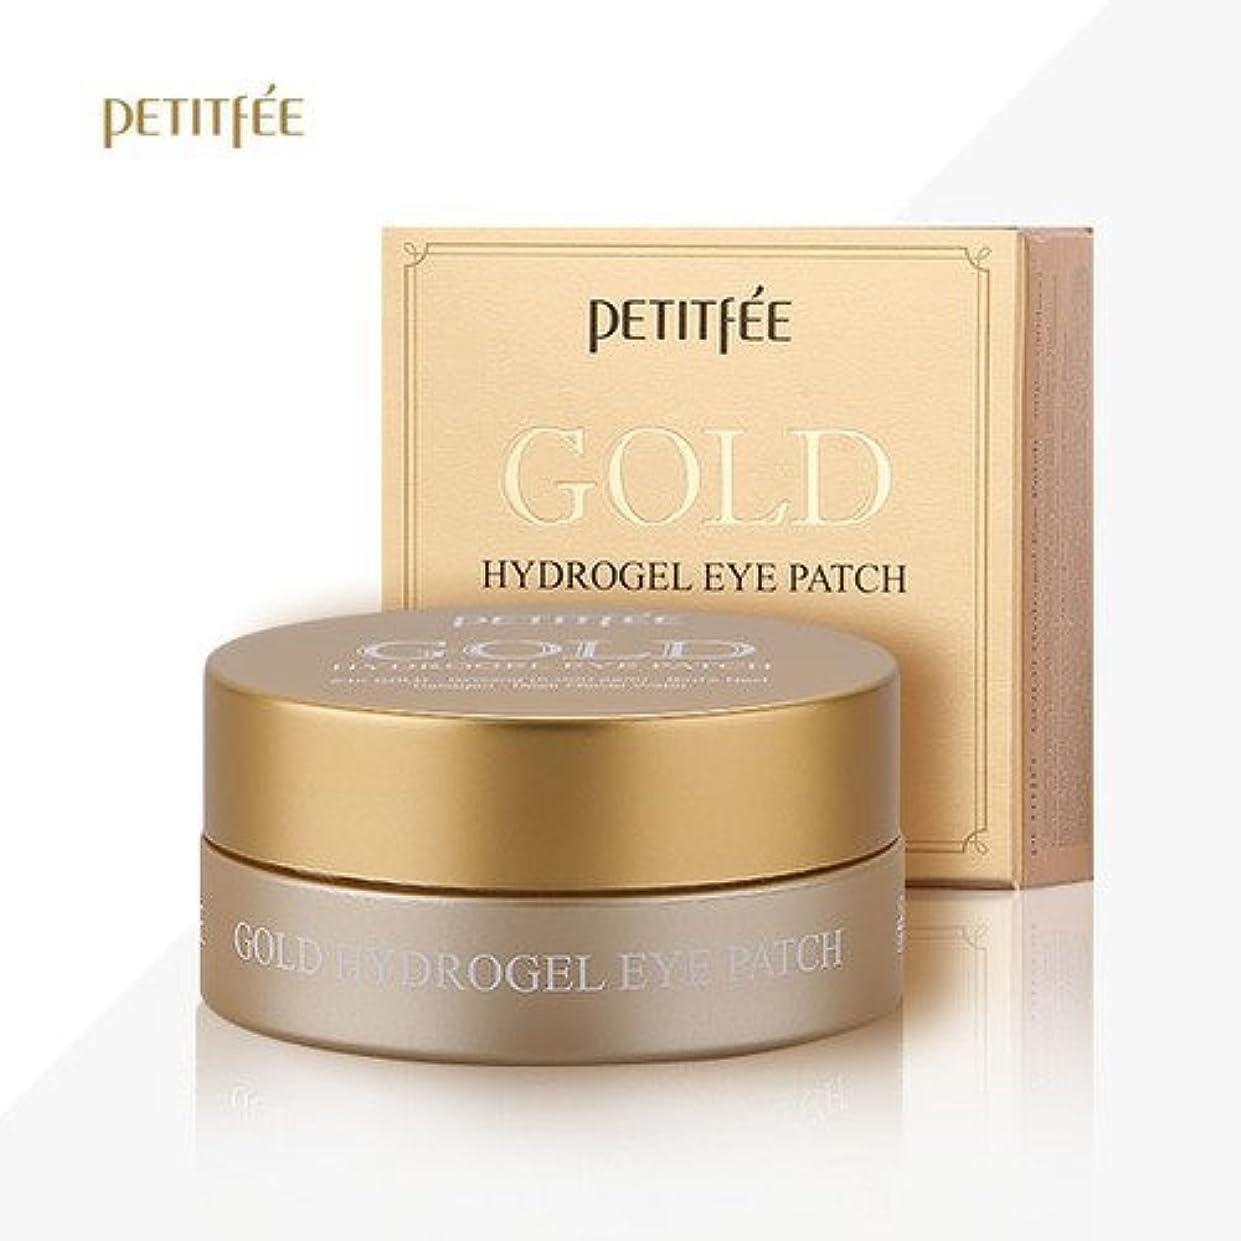 接尾辞満足させる憎しみPETITFEE(プチペ)ゴールドハイドロゲルアイパチ(60枚)/ Petitfee Gold Hydrogel Eye Patch (60Sheets) [並行輸入品]